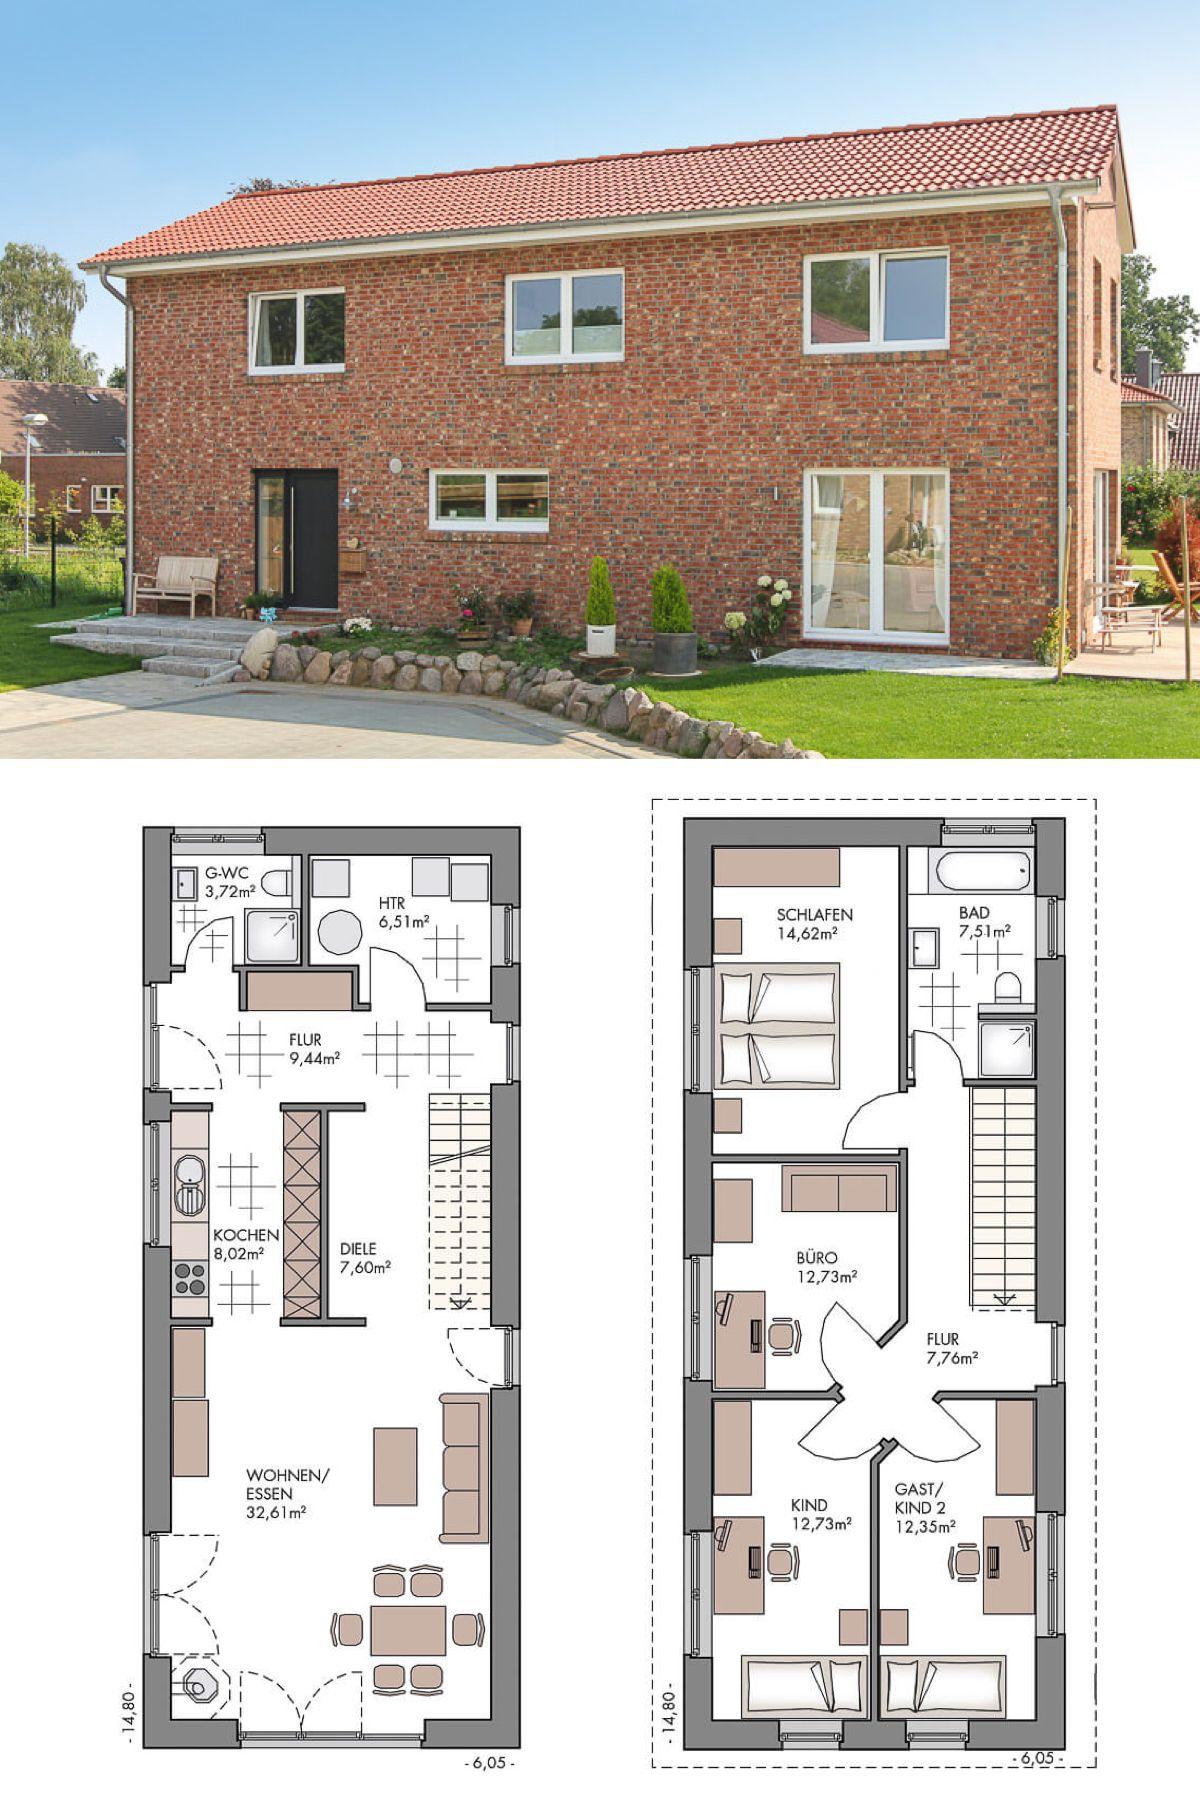 Modernes einfamilienhaus grundriss schmal mit klinker for Modernes einfamilienhaus grundriss